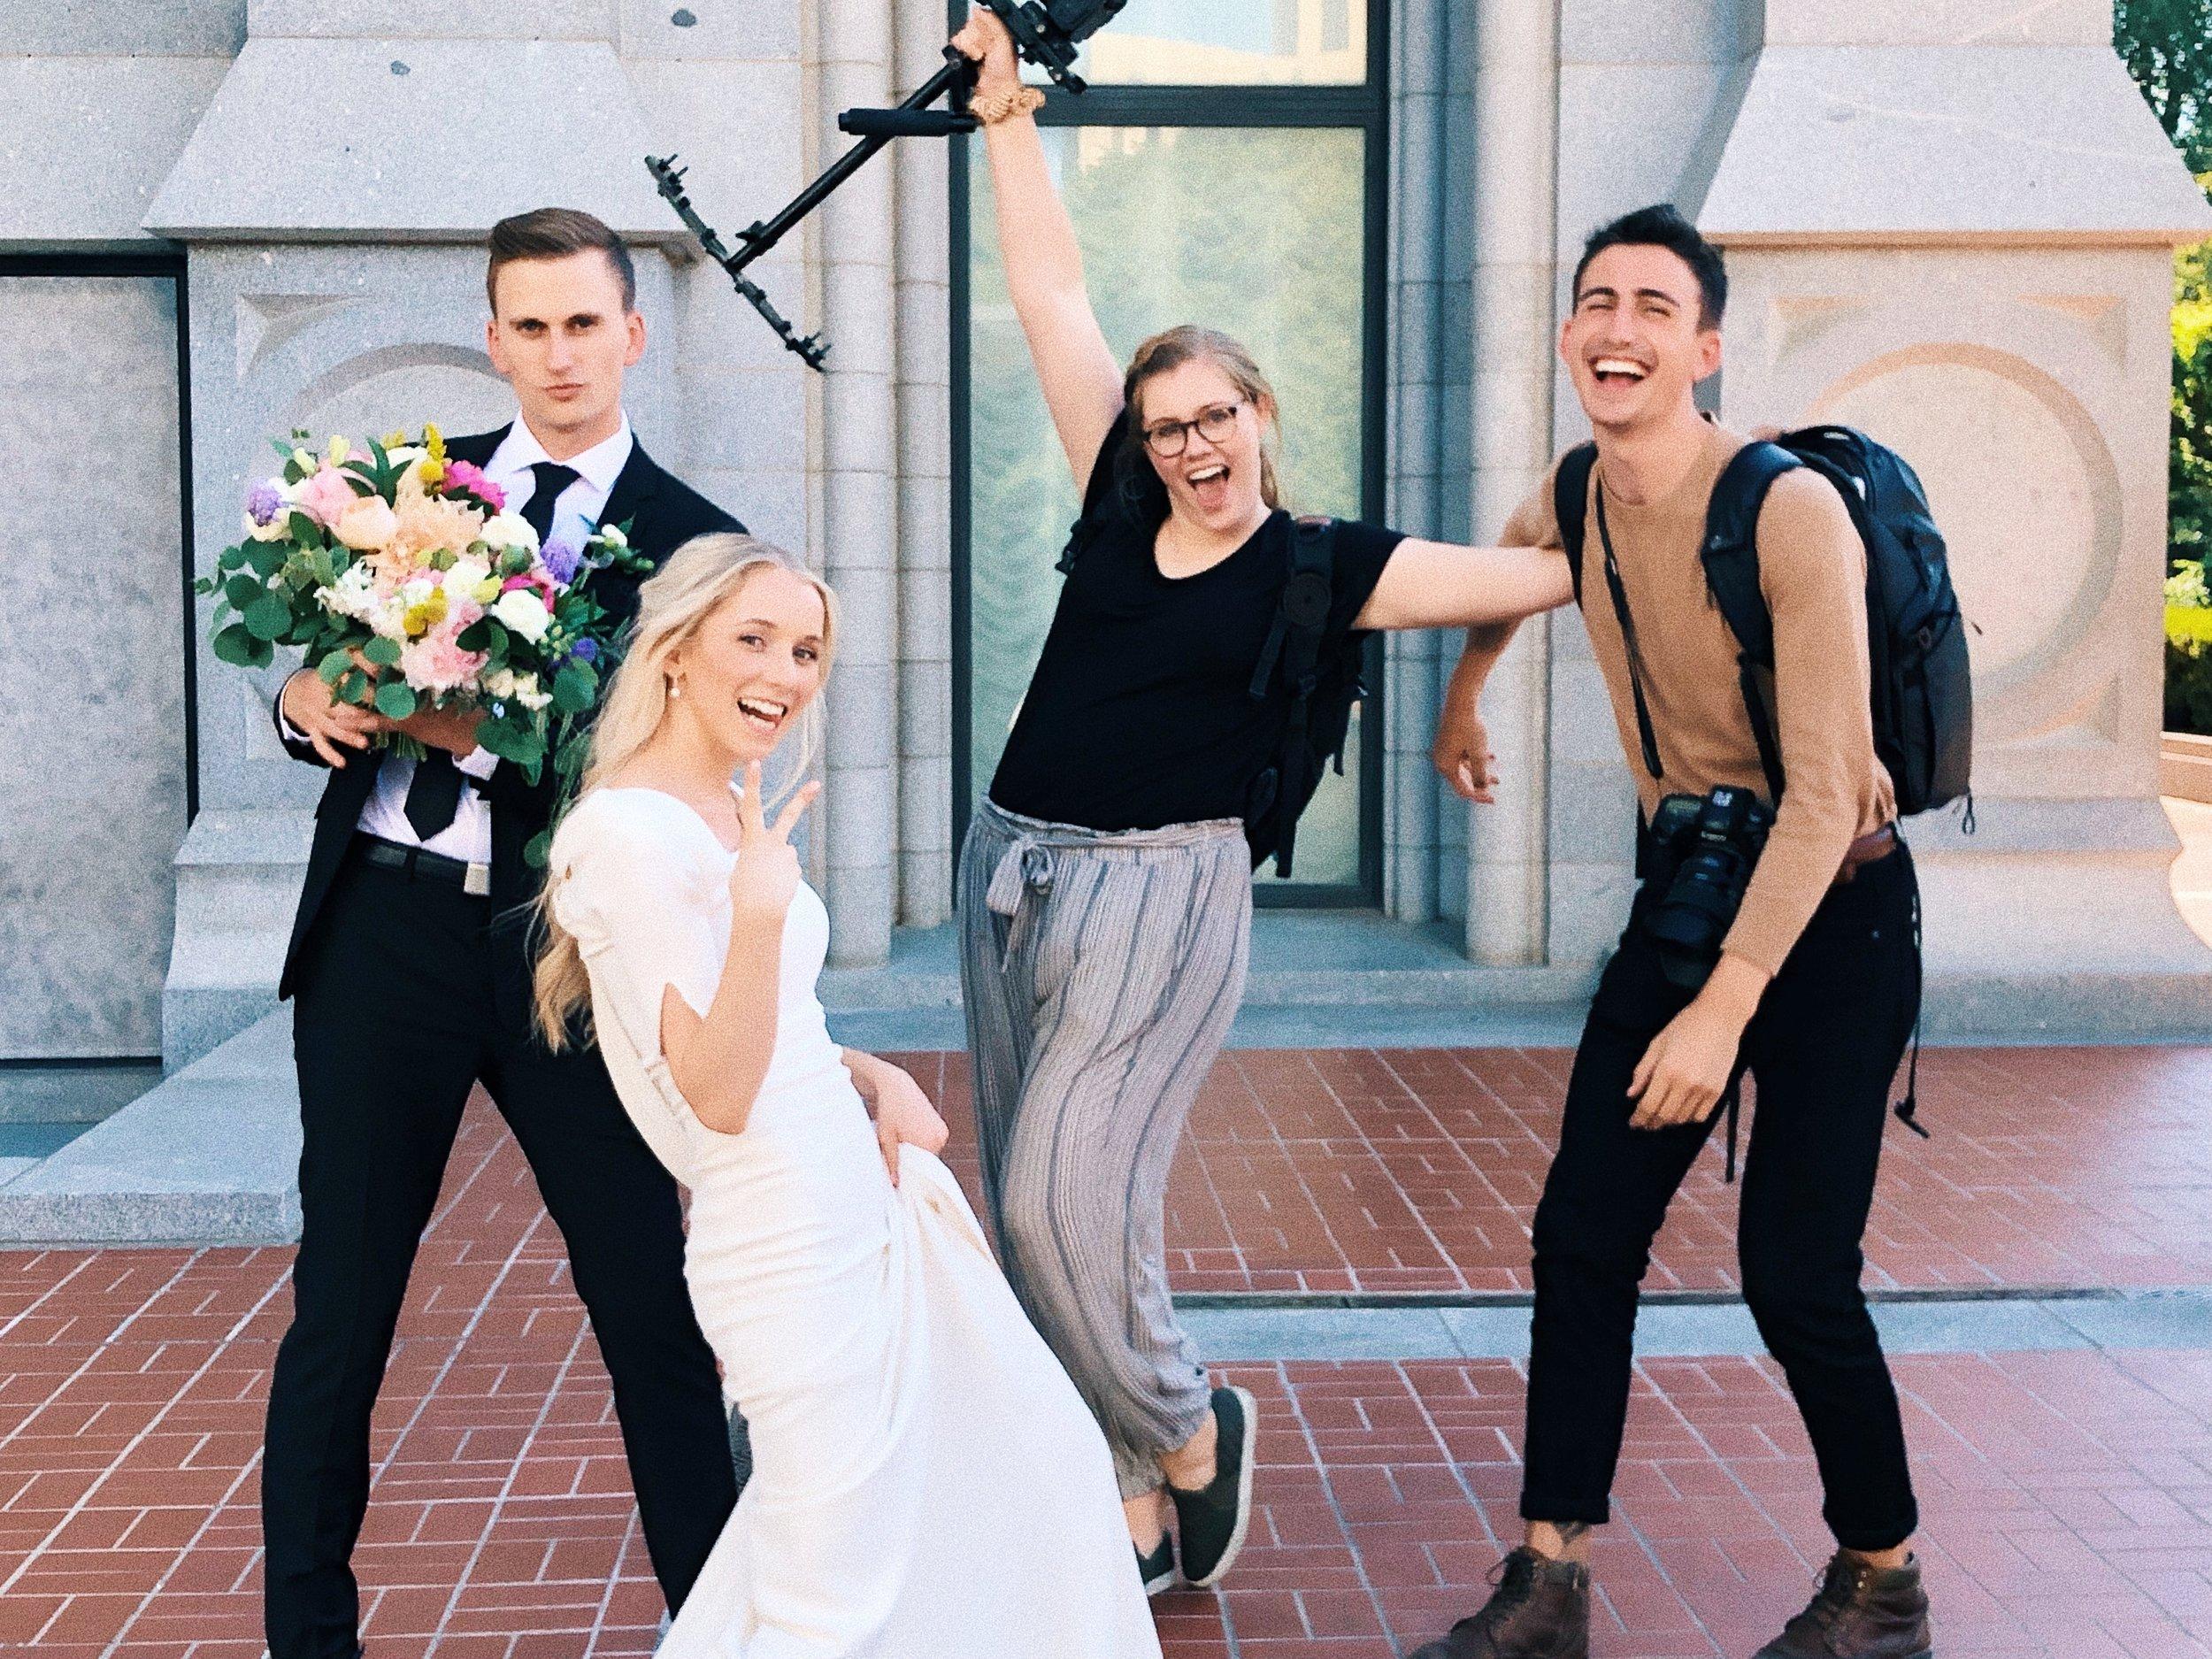 destination-wedding-photographer-mentorship-michael-cozzens-photo-video